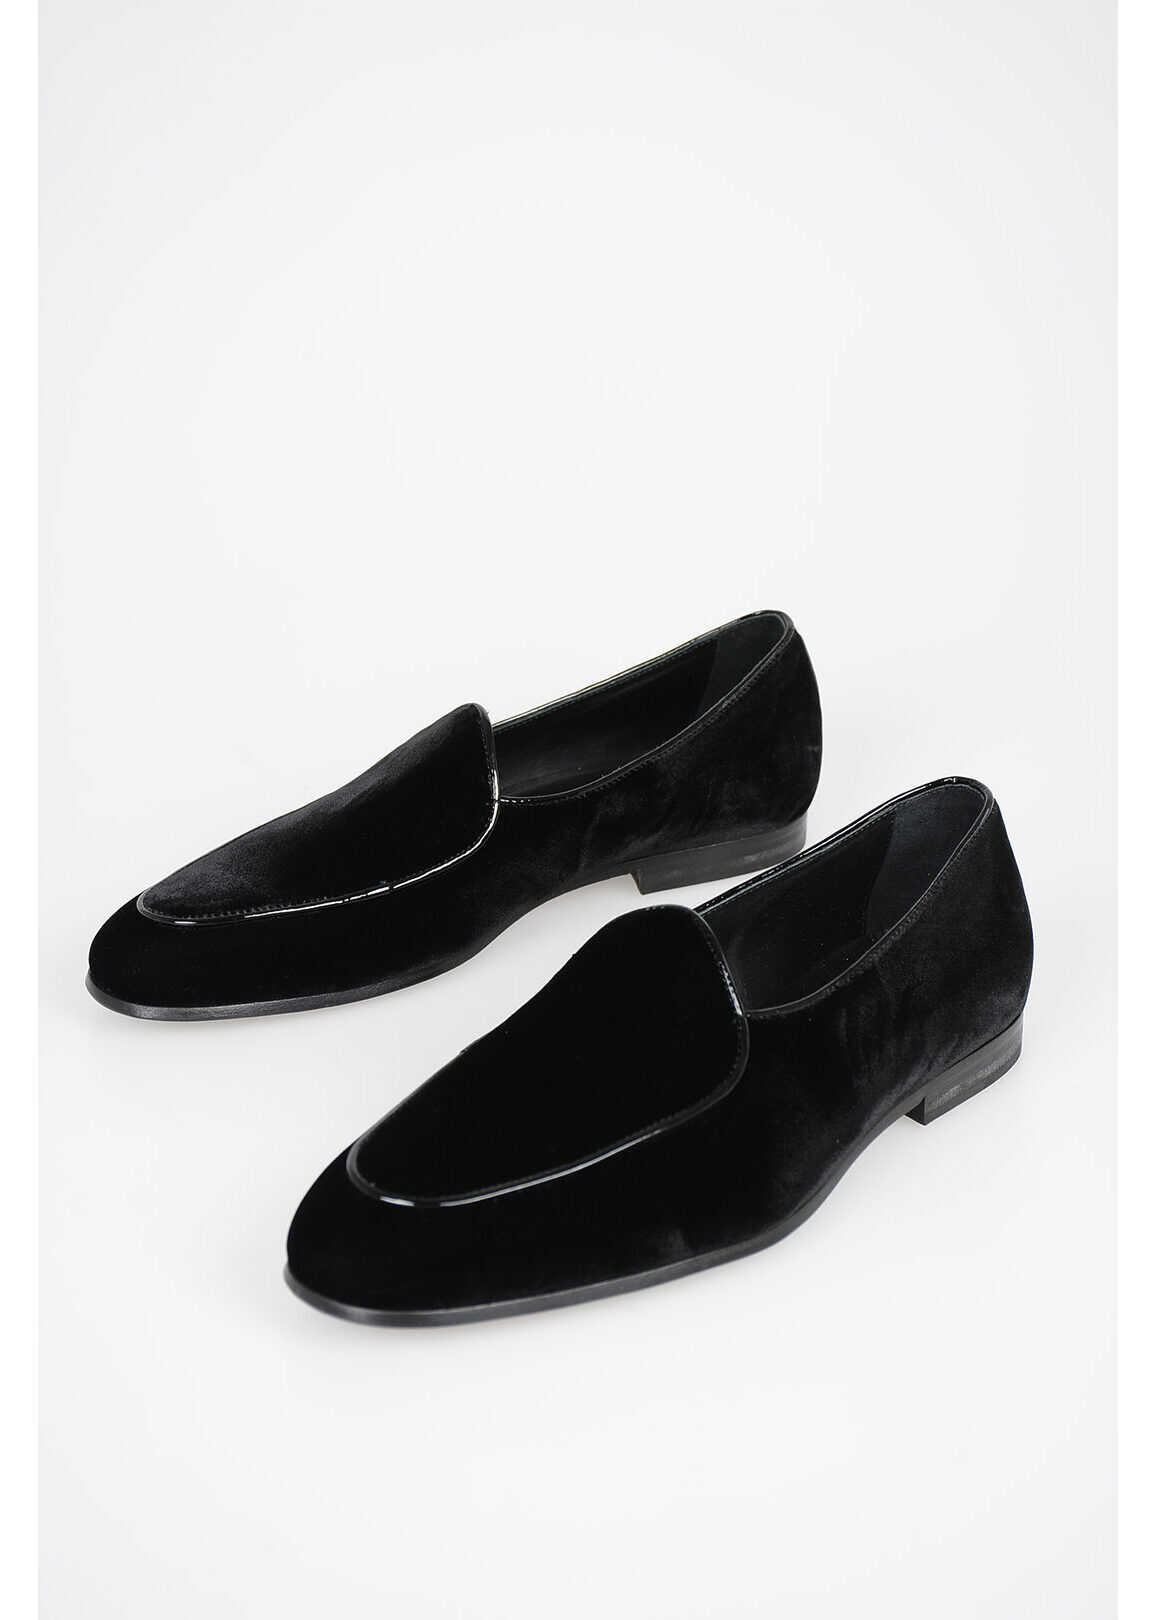 CORNELIANI CC COLLECTION Chenille Loafers BLACK